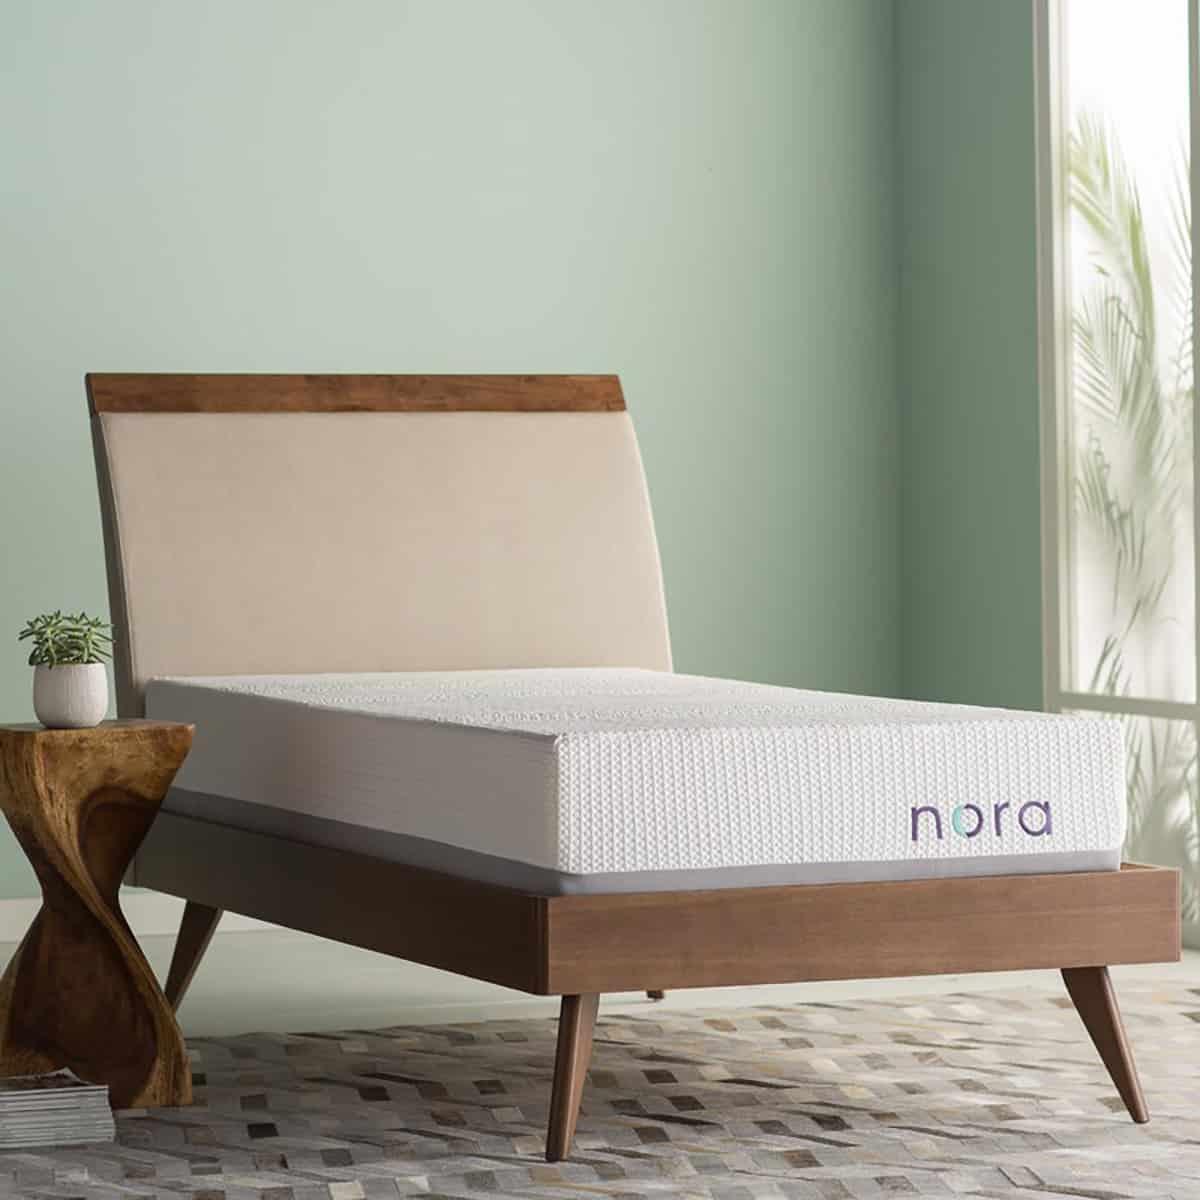 Wayfair Introduces New Foam Mattress Nora